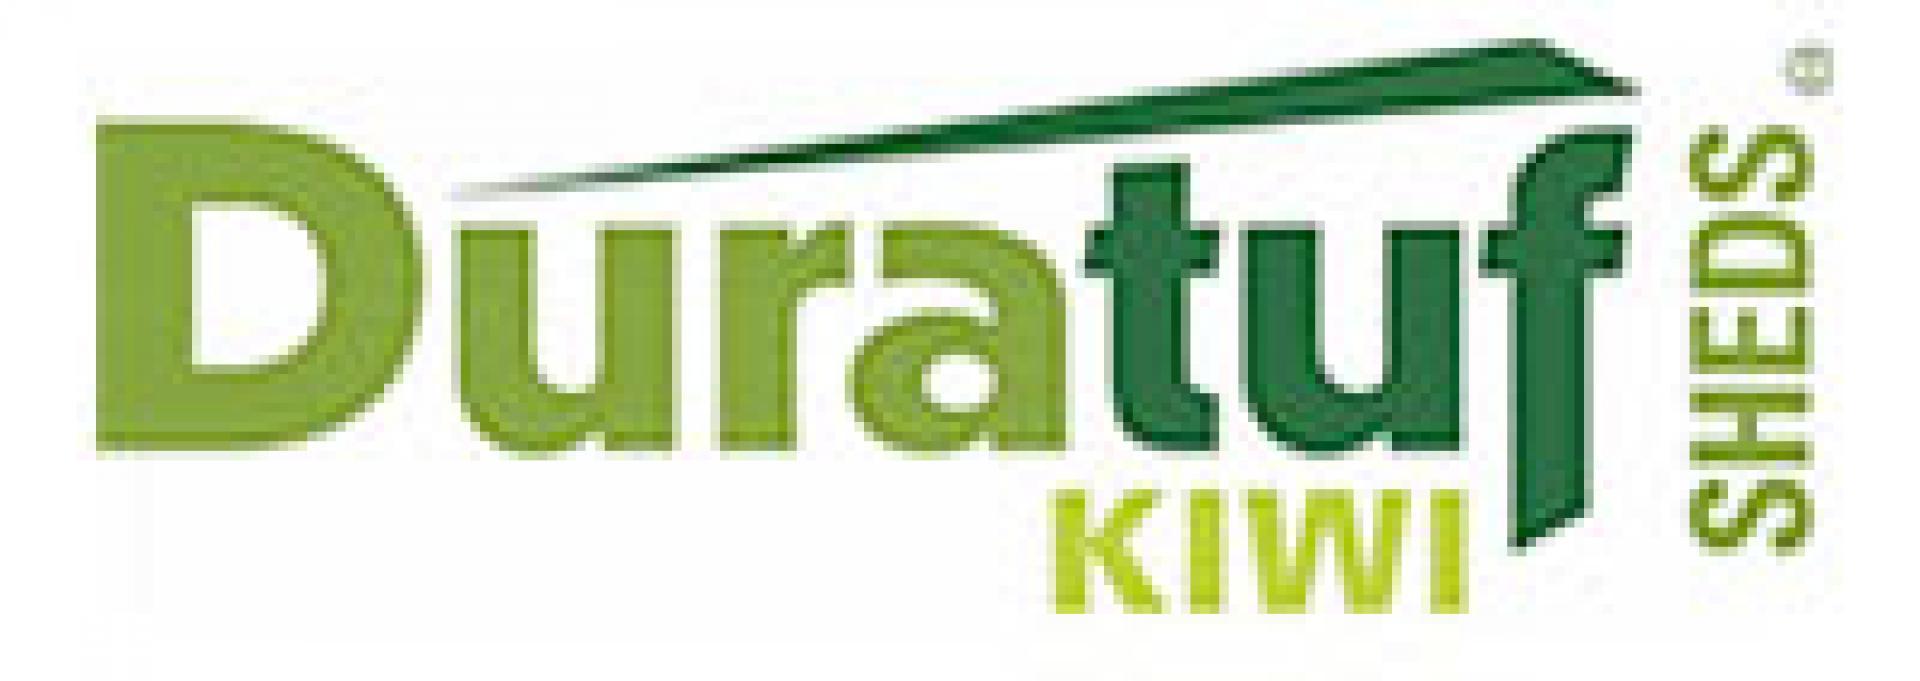 Logo of Duratuf Sheds